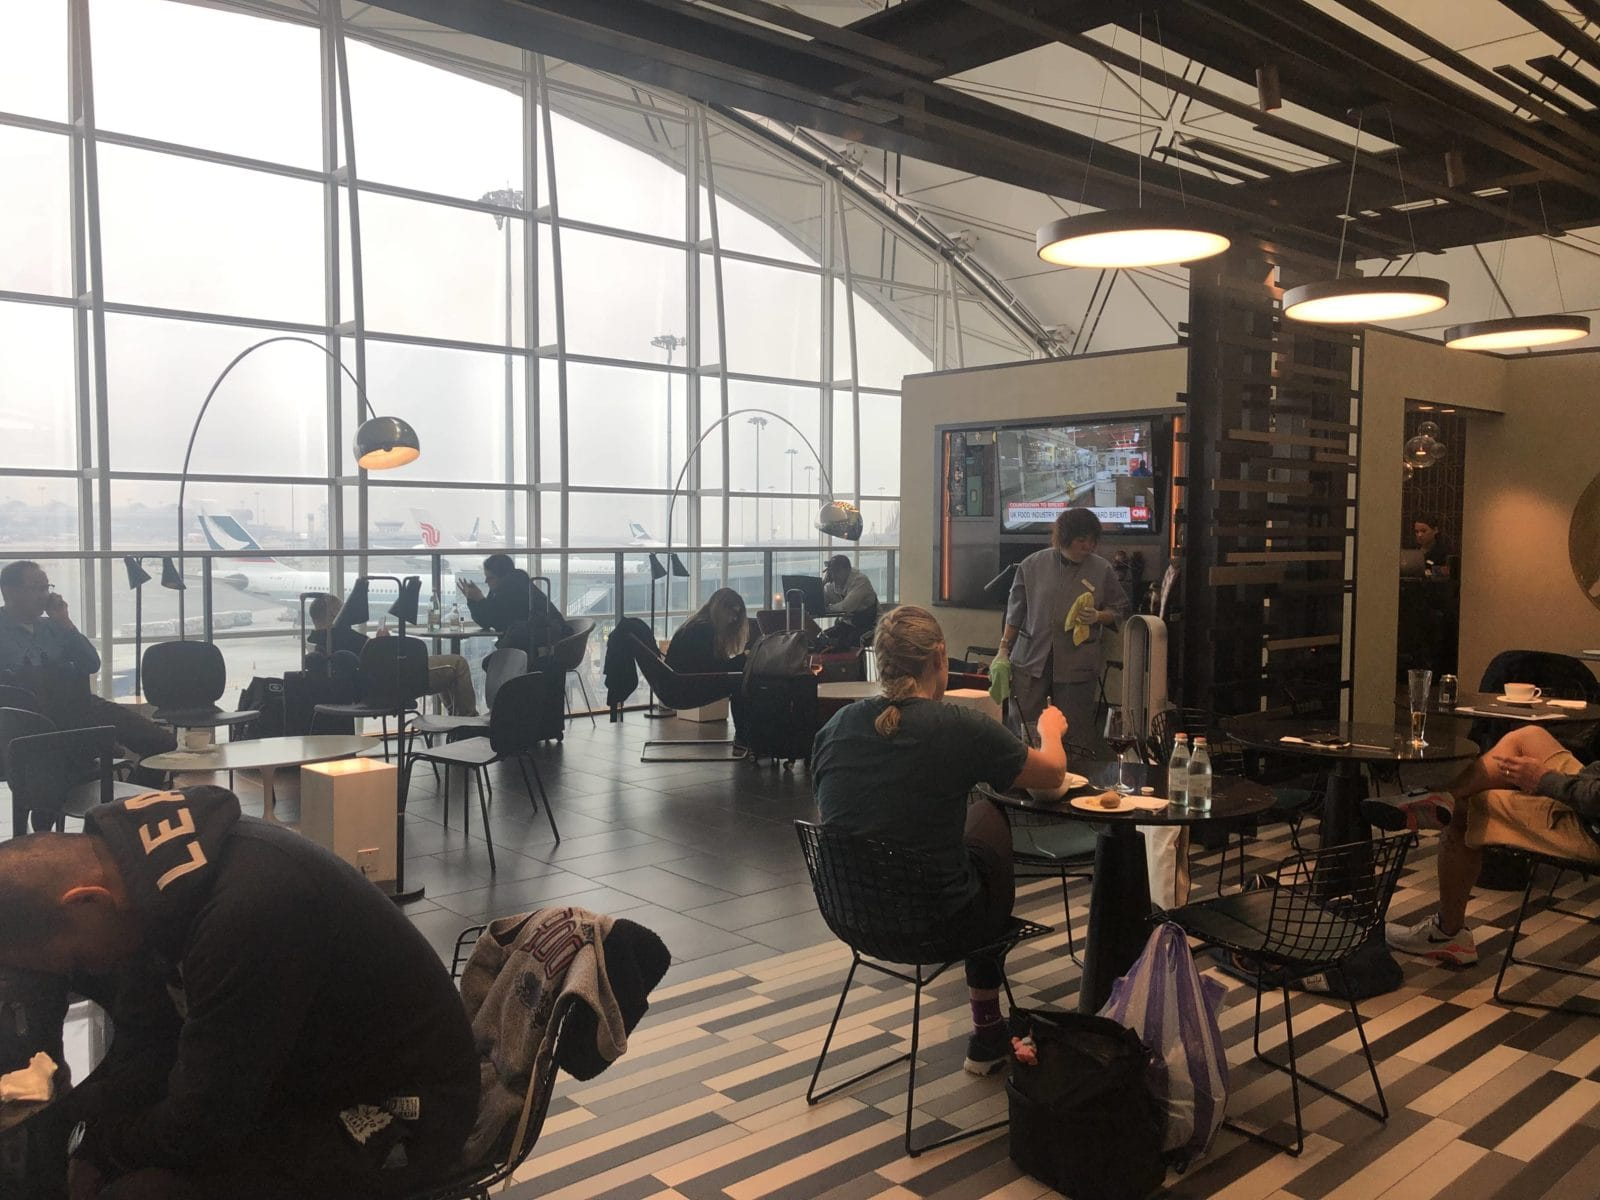 American Express Centurion Lounge Hong Kong Blick in die Lounge